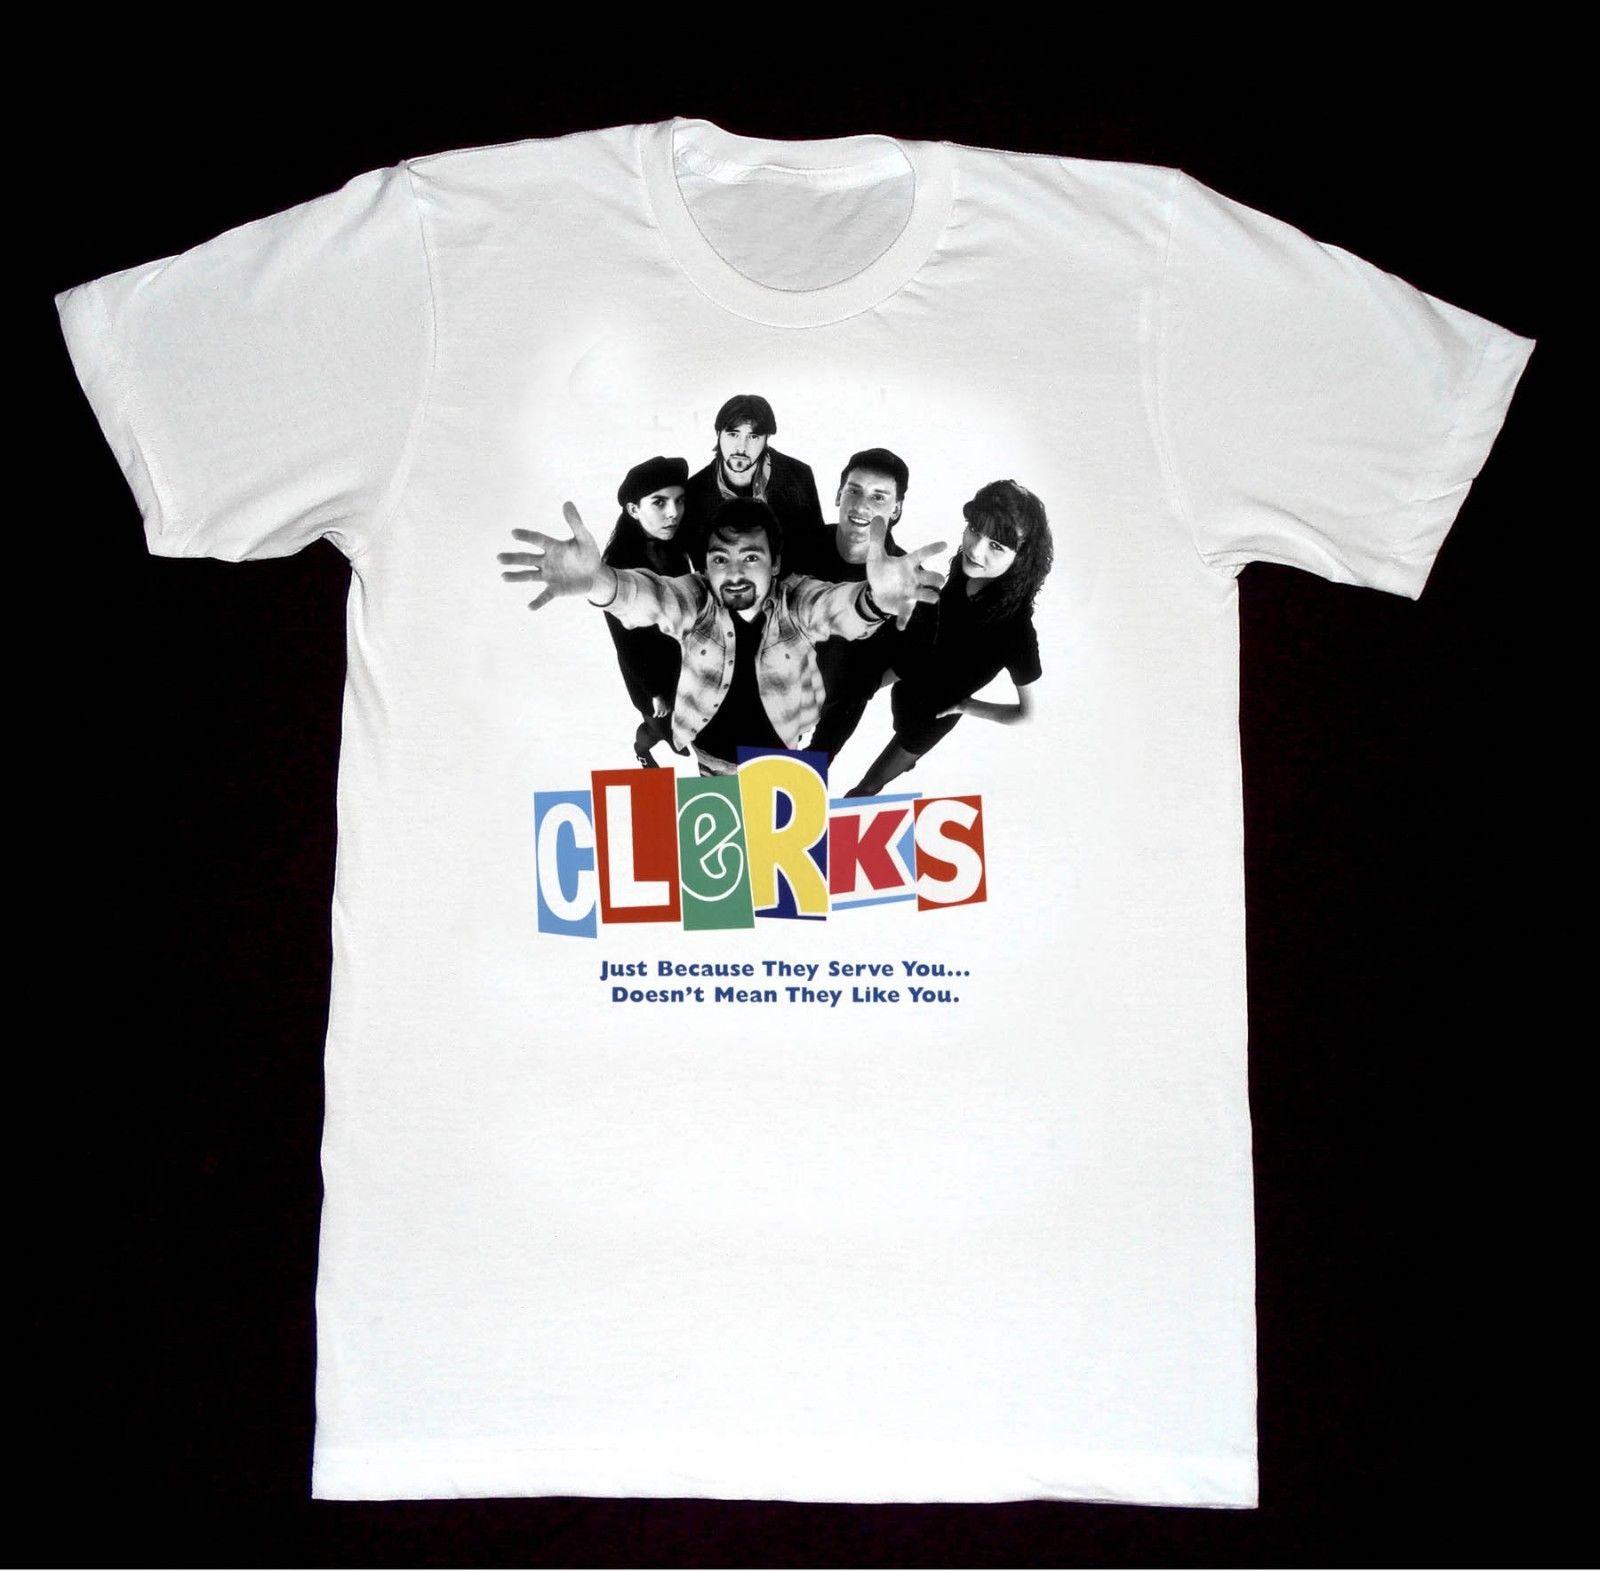 Clerks Tshirt A45 Shirt 80's Cult Movie Independent Underground Film